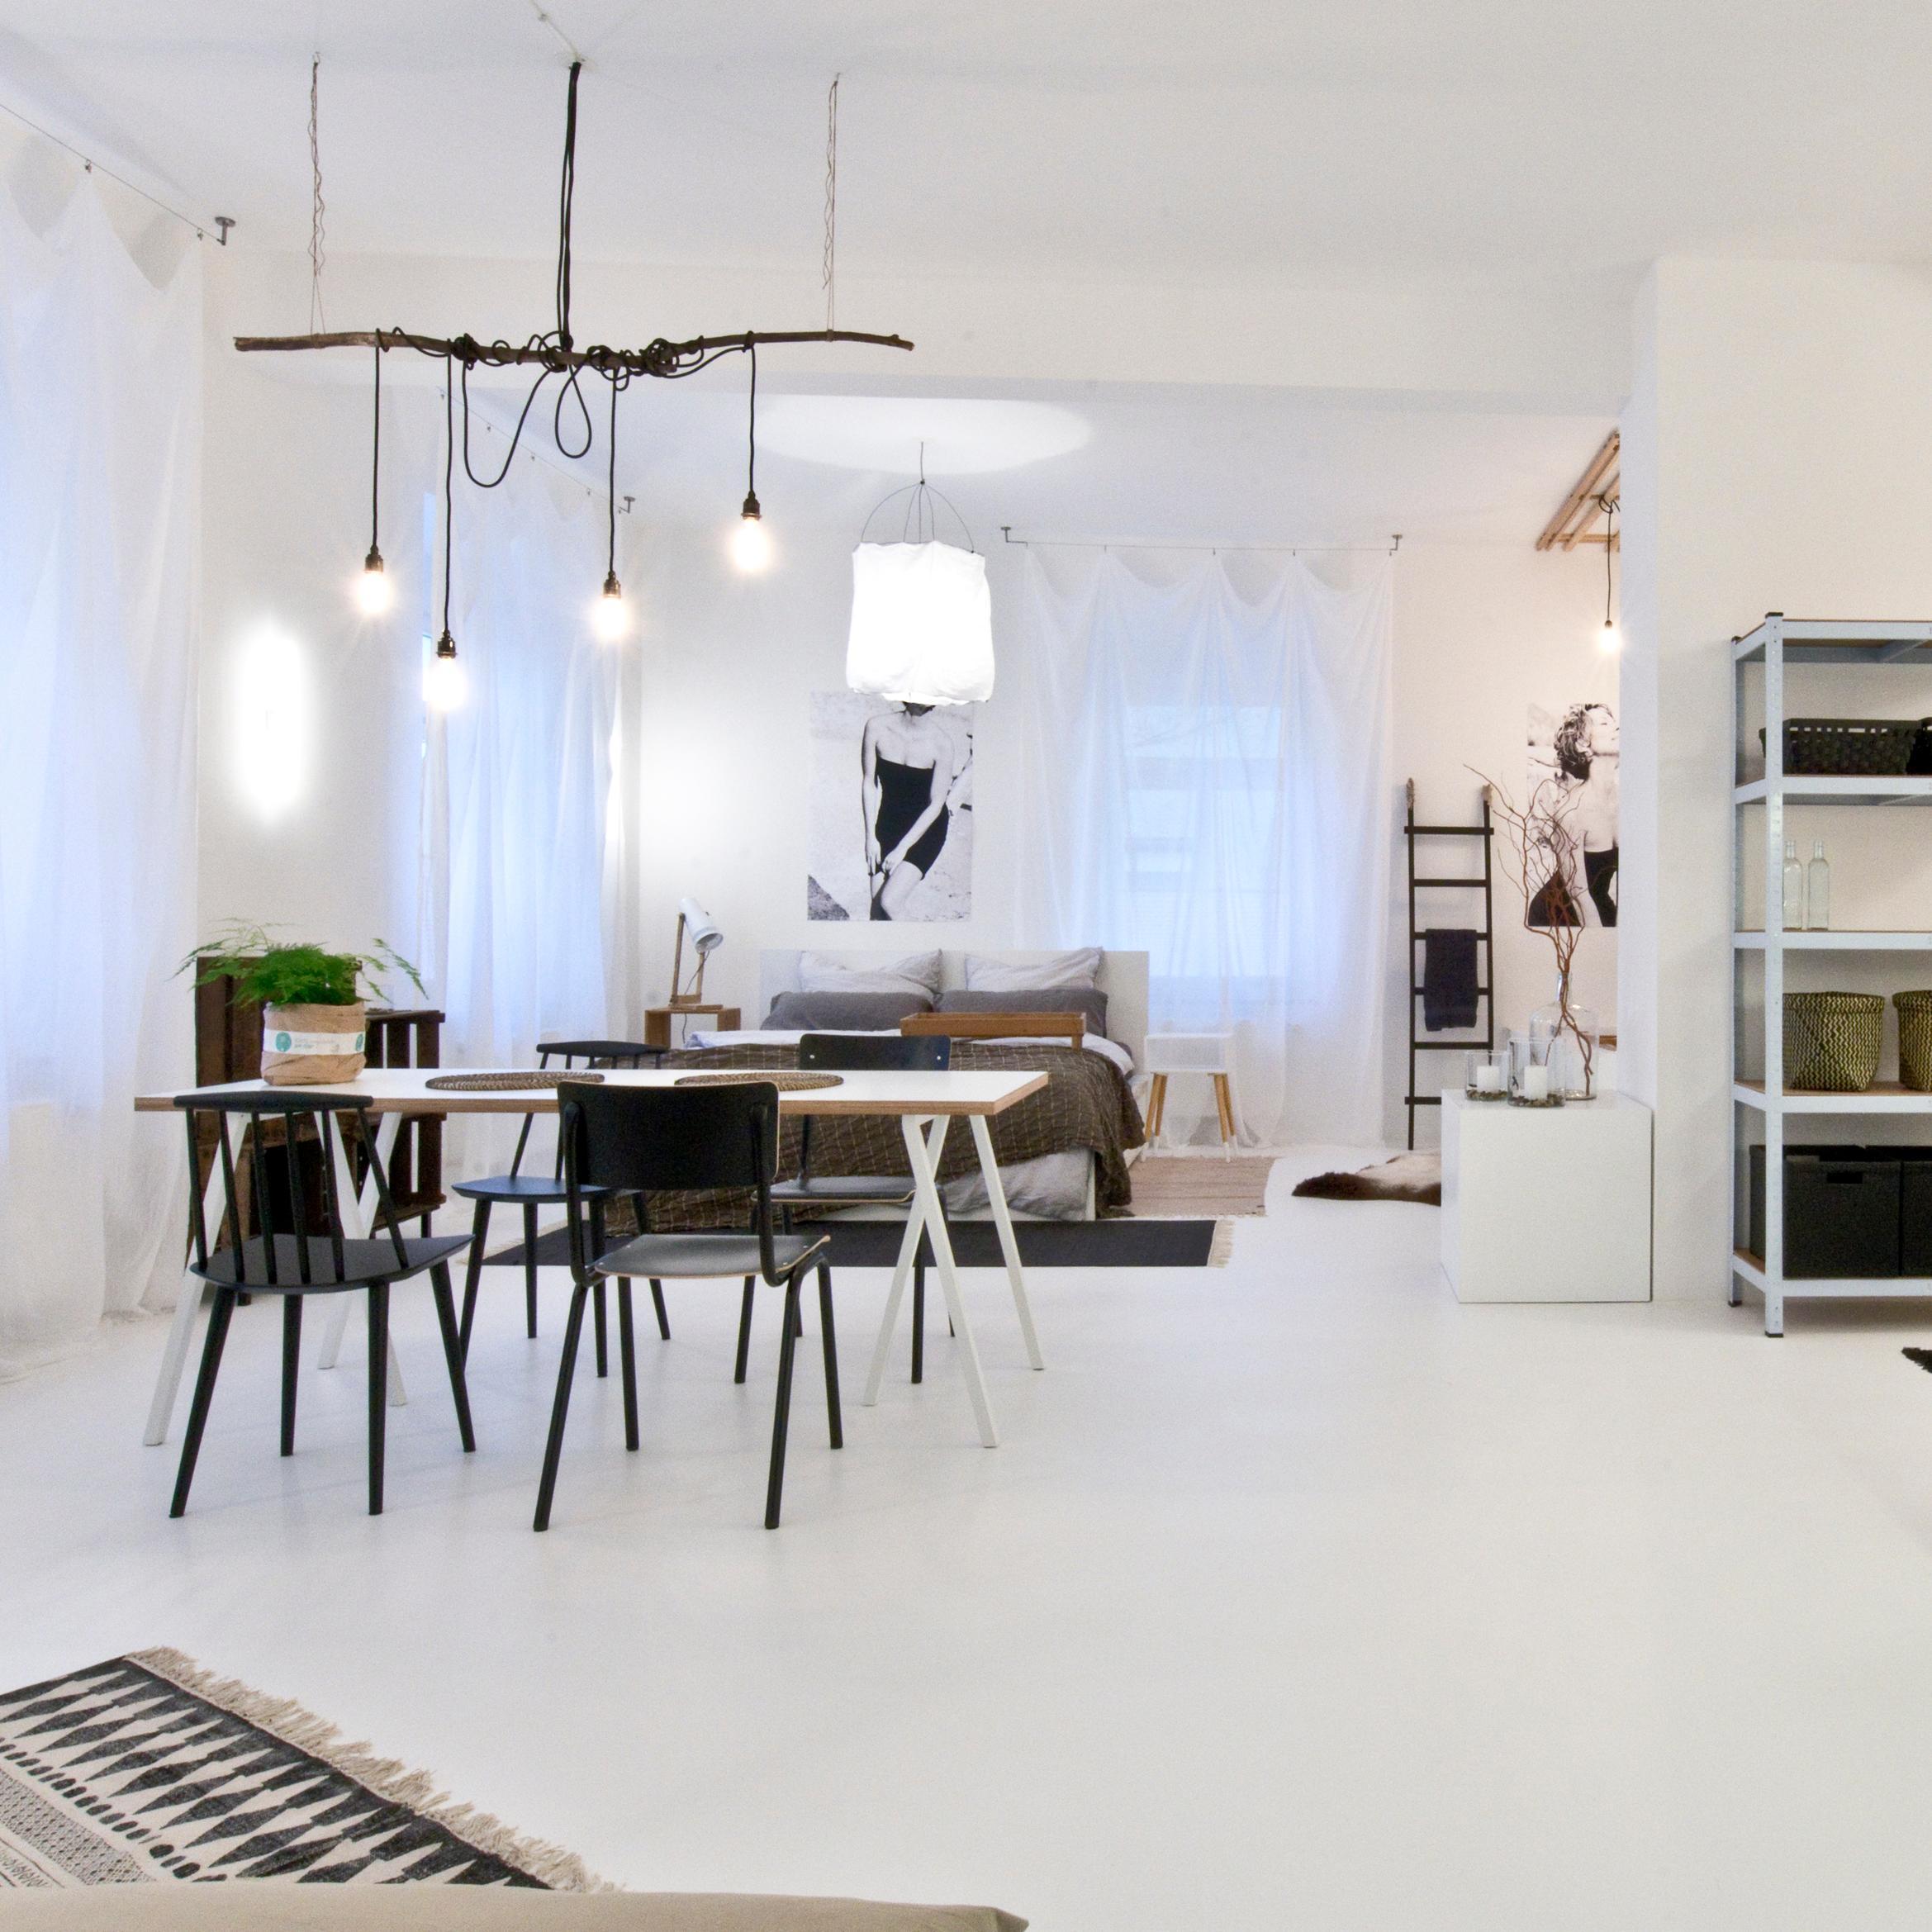 Fabelhaft Küche Industriedesign Ideen Von Ein Raum In Weiß #bett #esstisch #vorhang